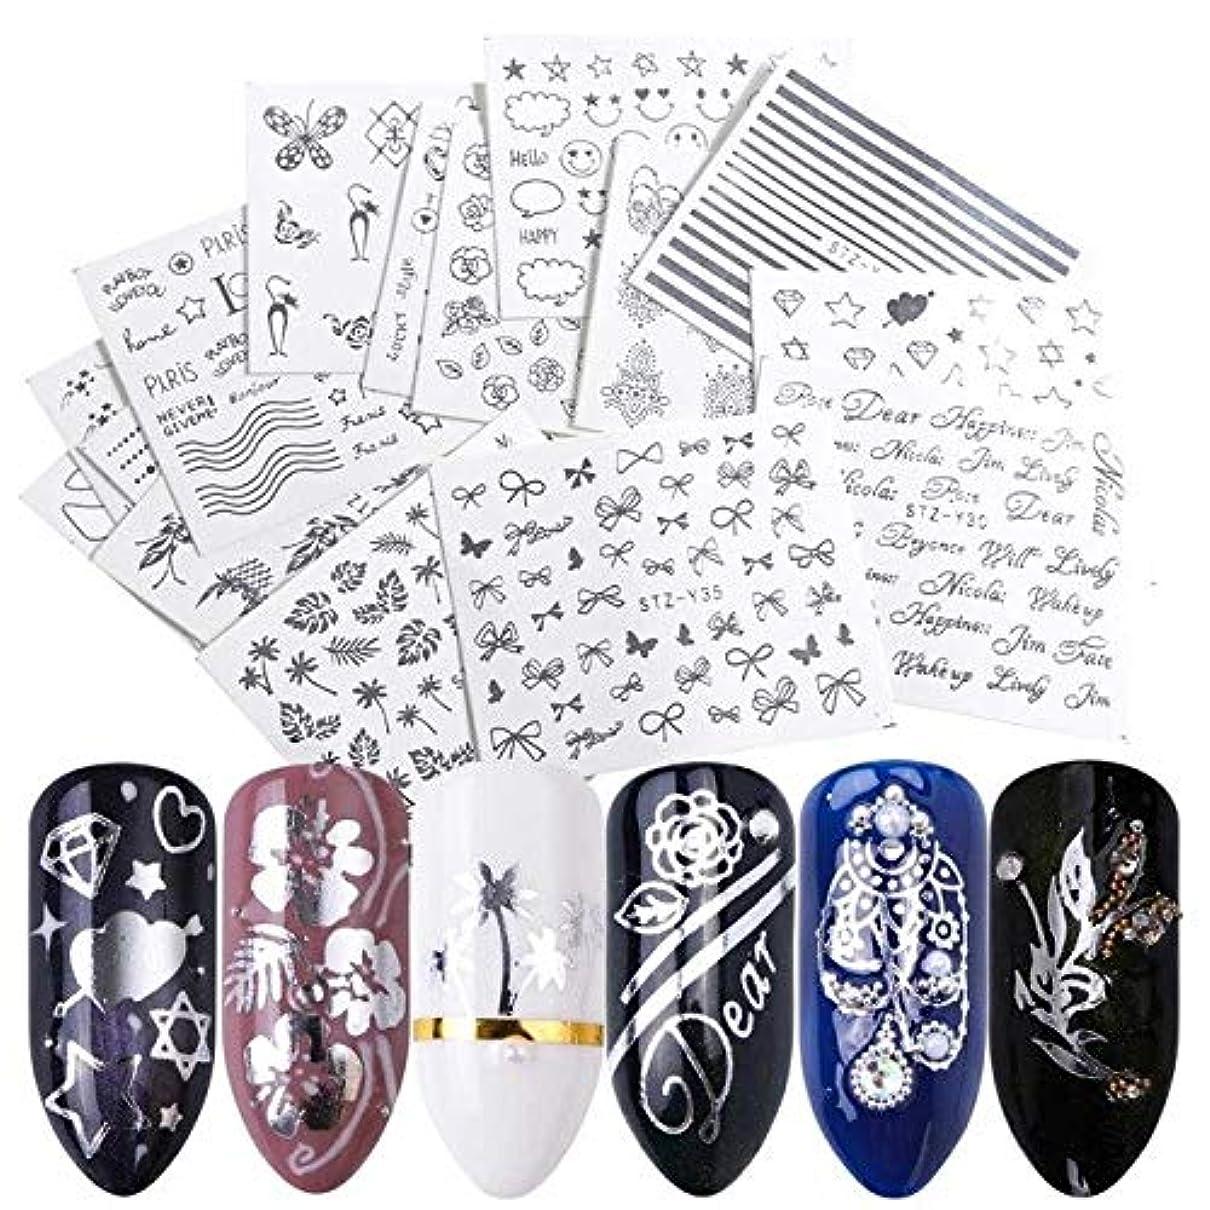 他のバンドで縁石想定SUKTI&XIAO ネイルステッカー 1セットネイルアート水転写デカールステッカー白黒幾何学的な入れ墨ラップマニキュアドリームキャッチャー装飾ヒント